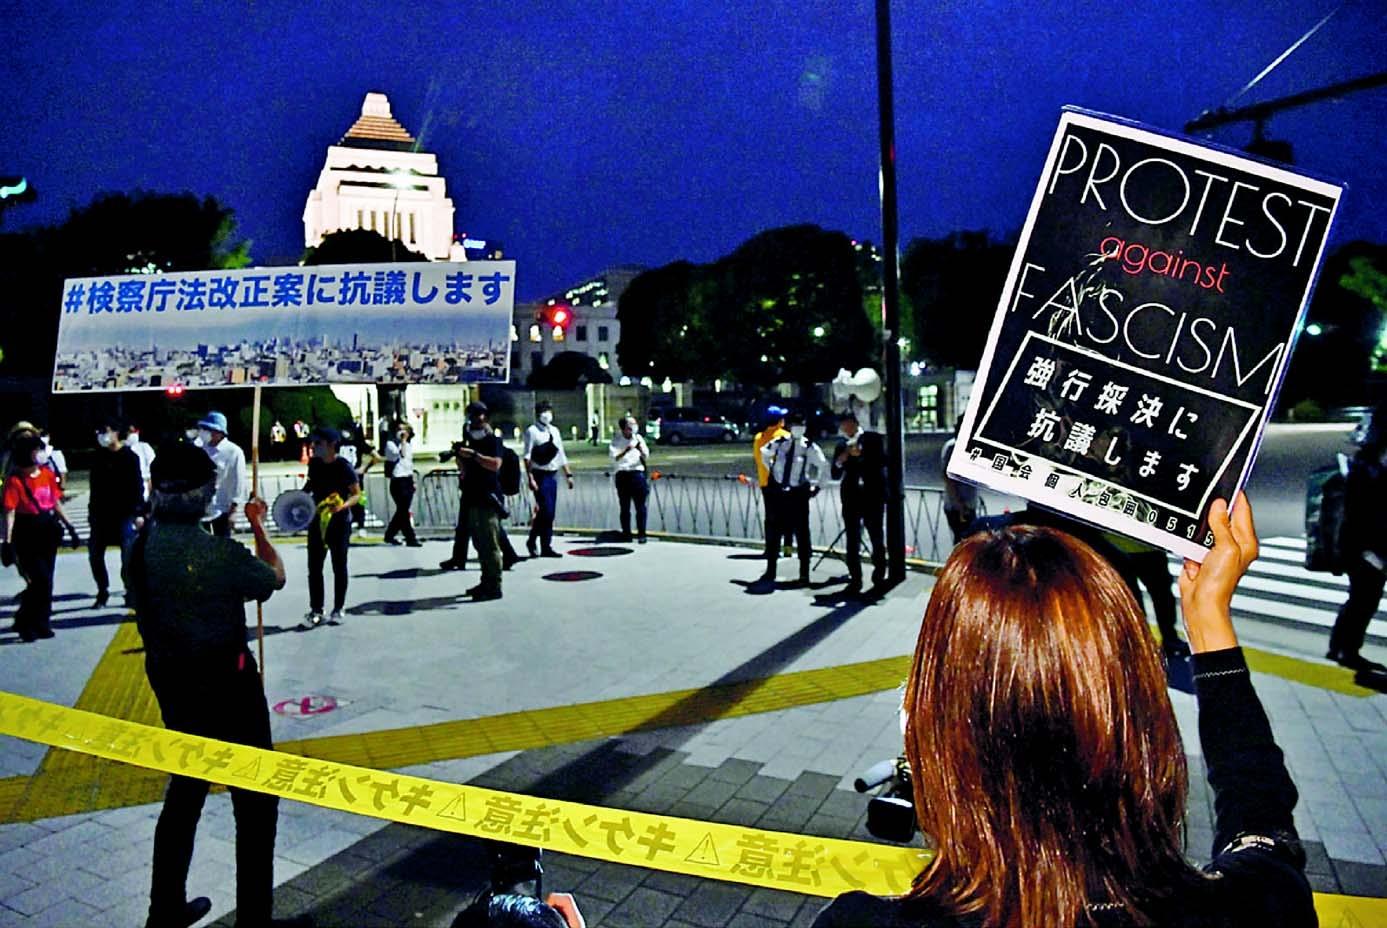 検察庁 法 改正 案 に 抗議 し ます 署名